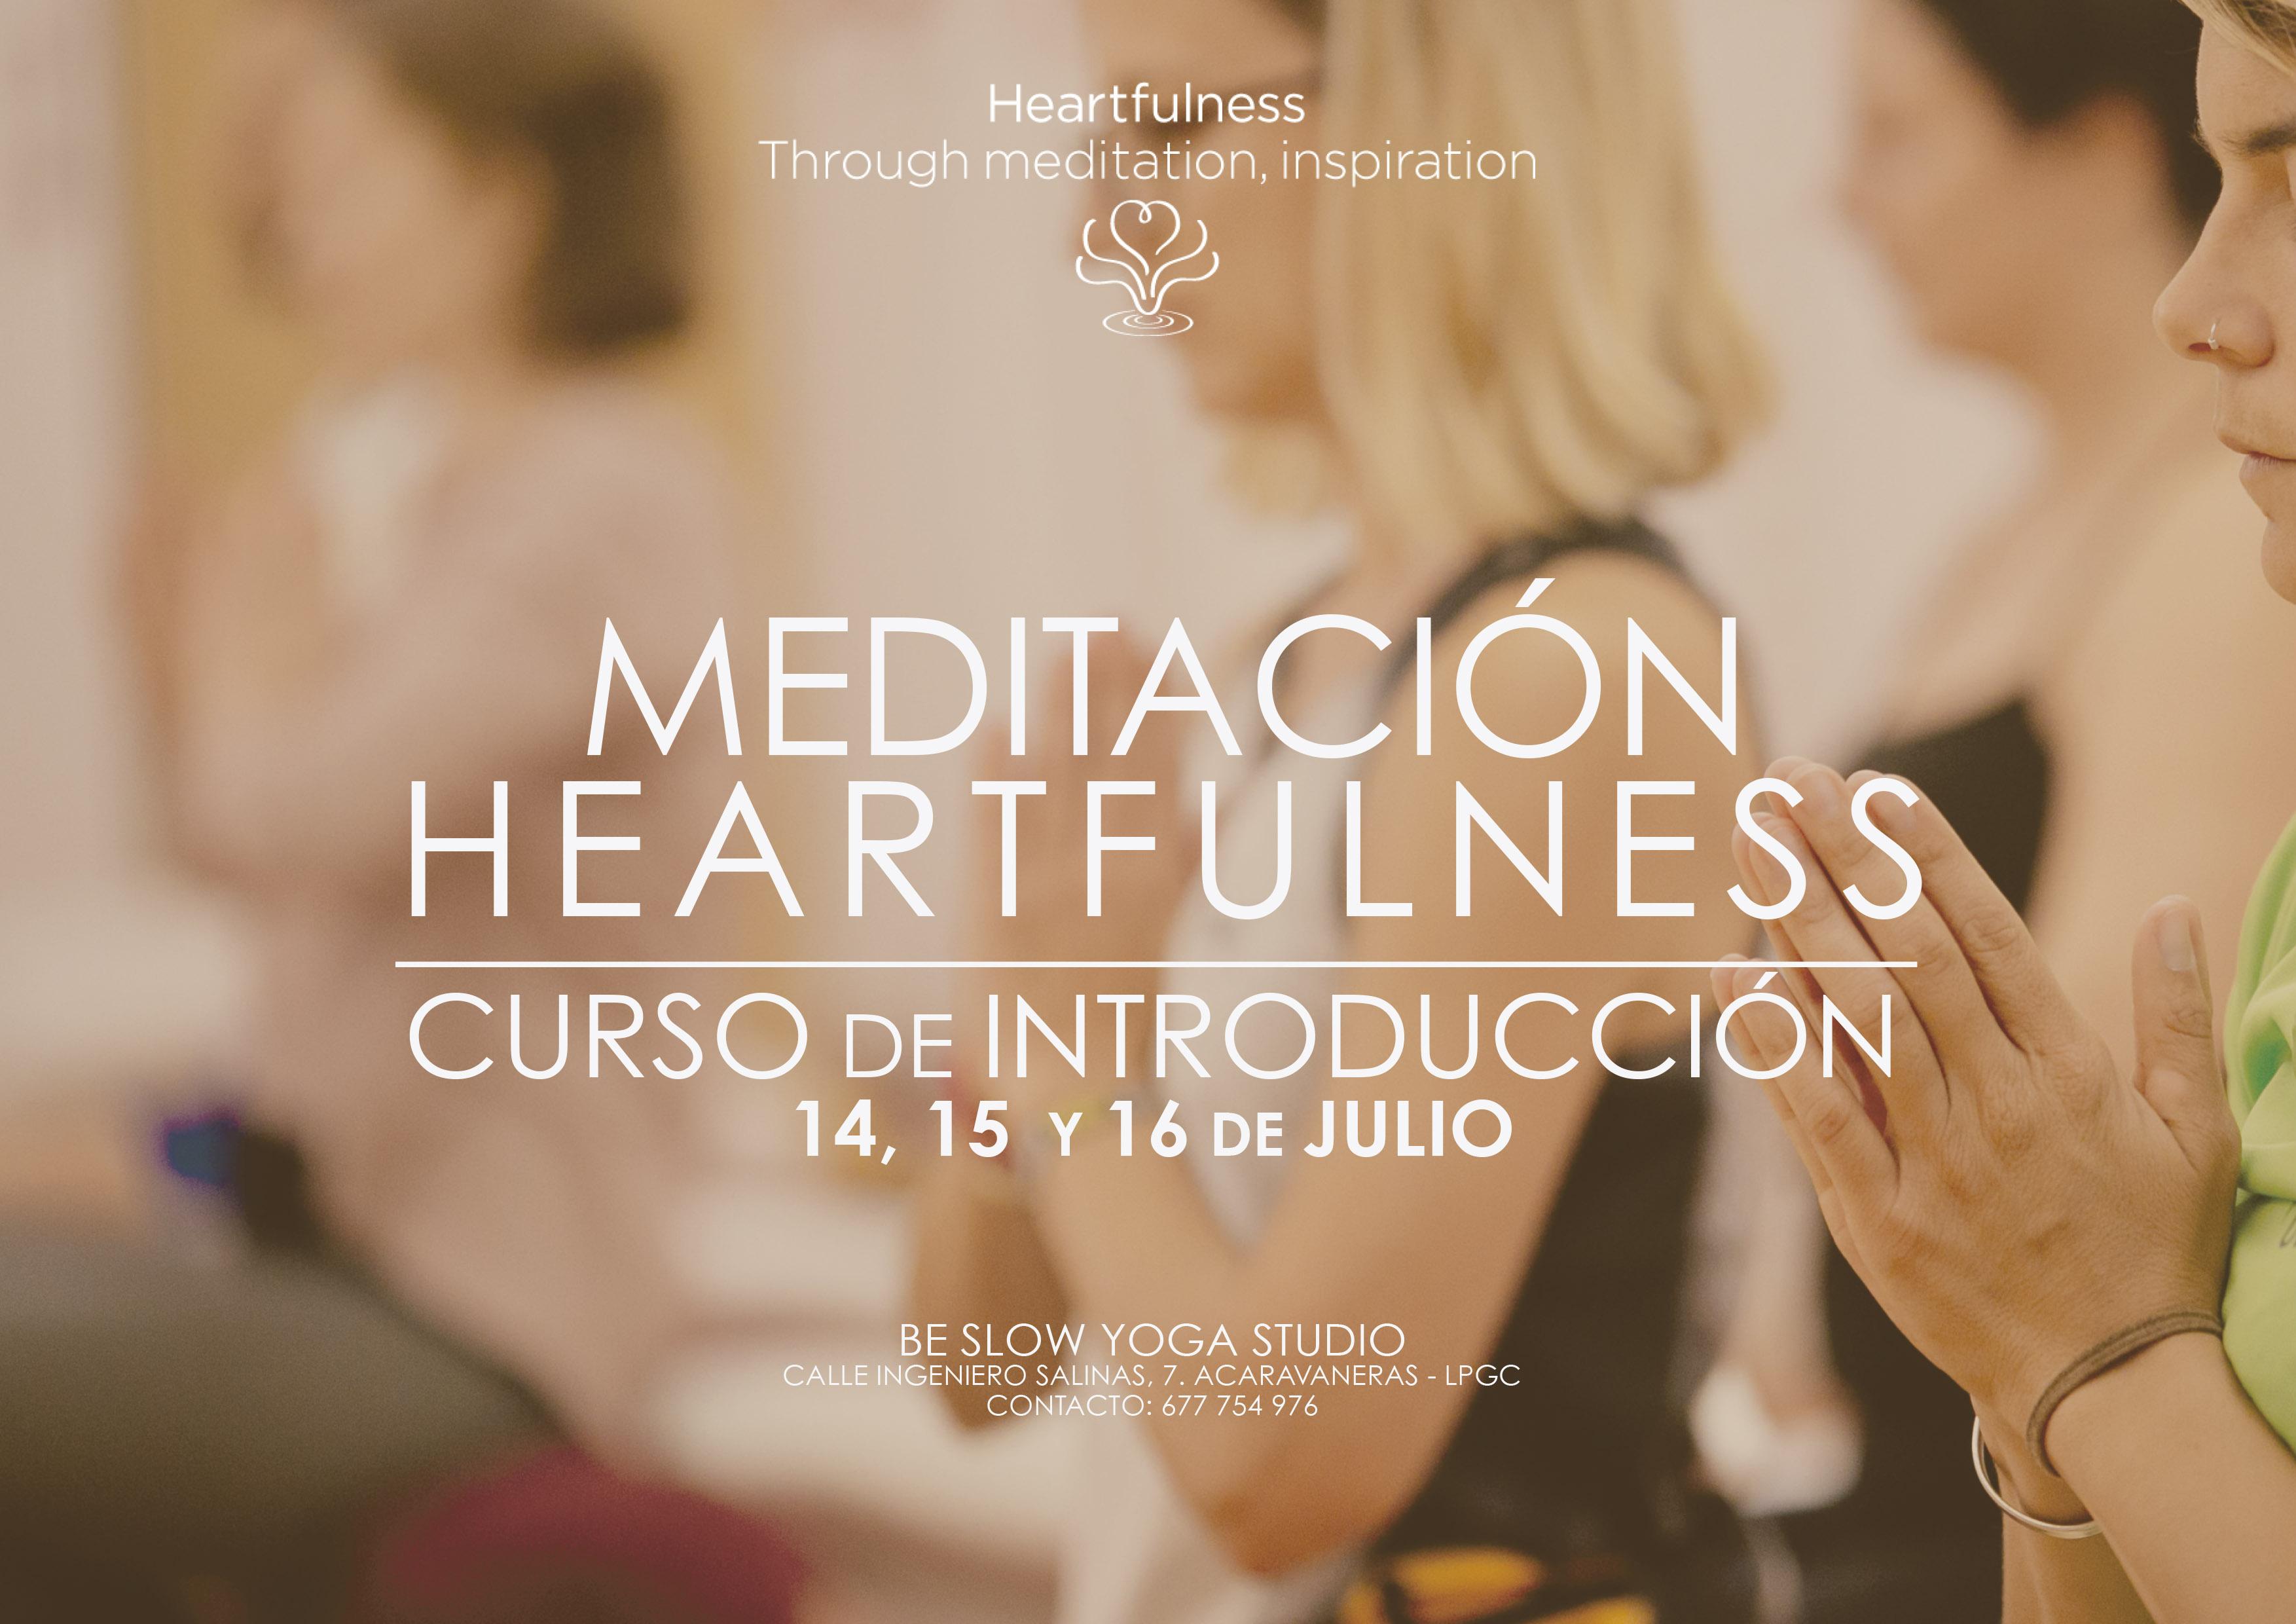 Introducción a la Meditación Heartfulness este fin de semana